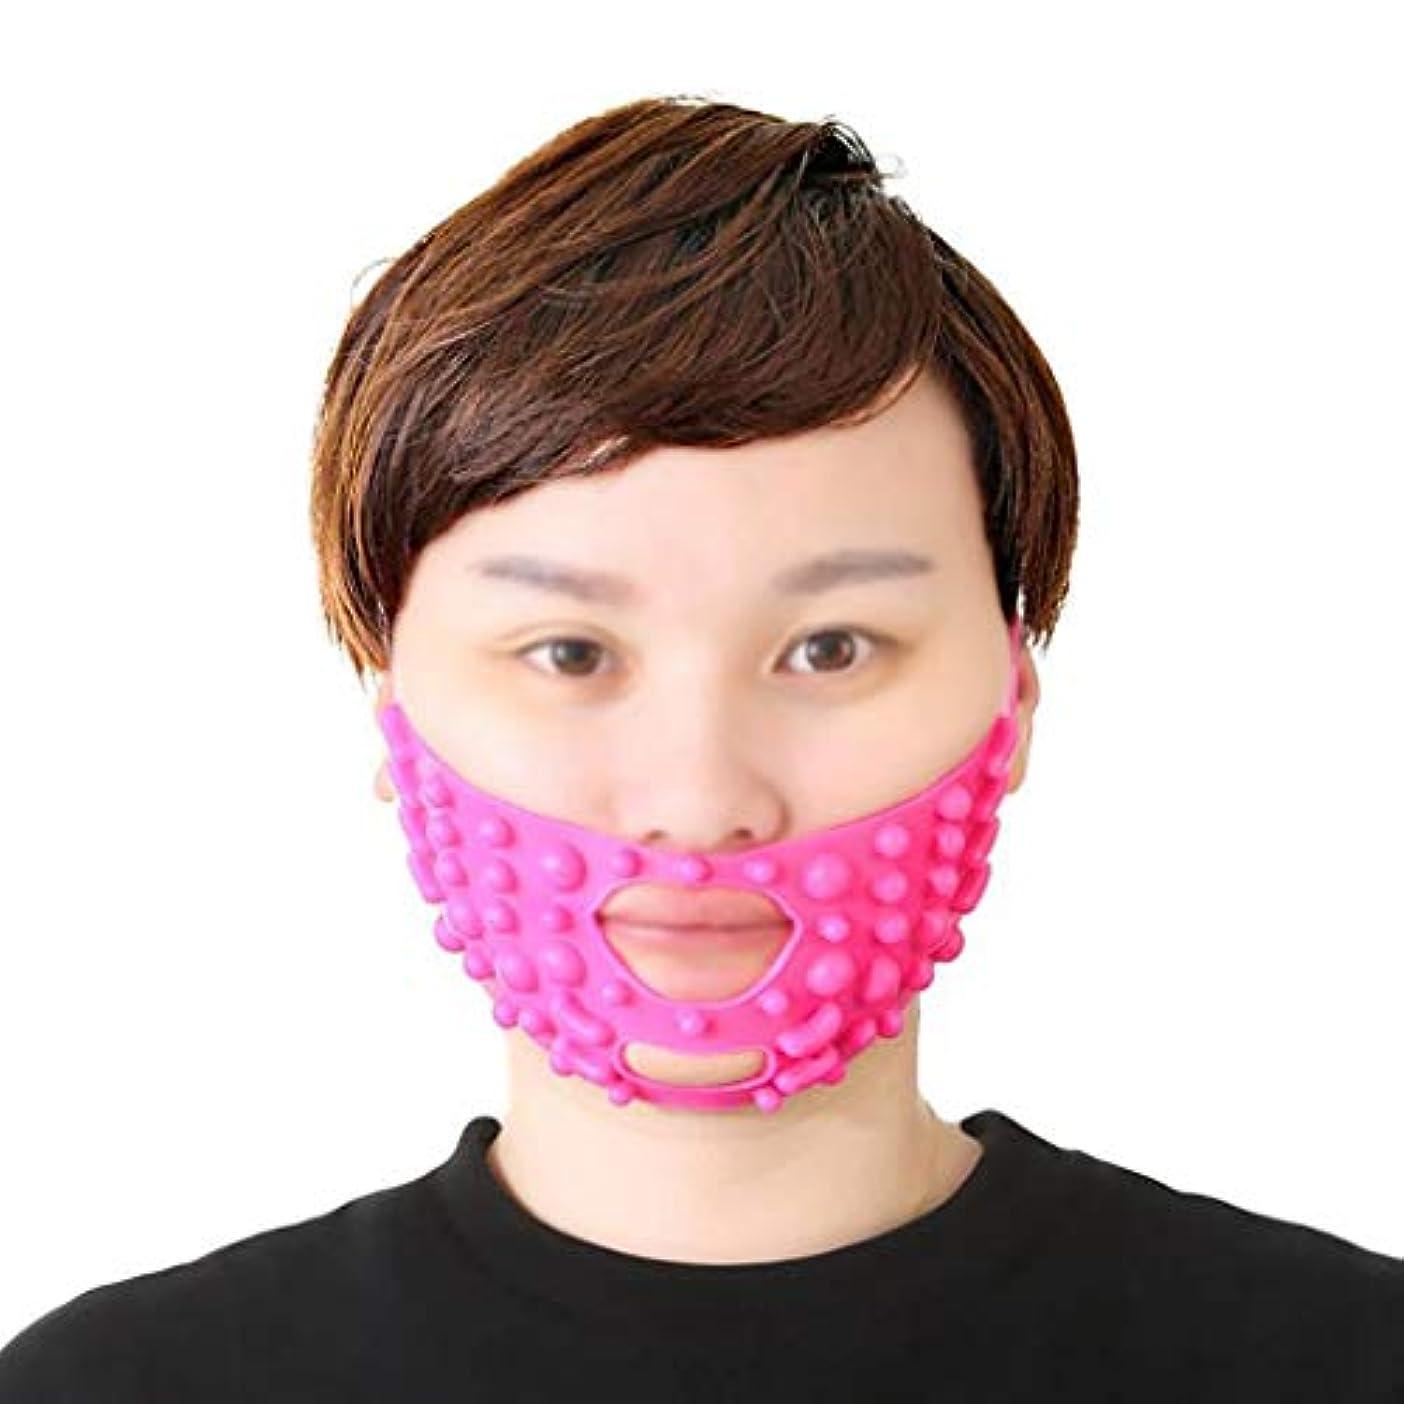 望み素晴らしき体細胞GLJJQMY 顔の持ち上がるマスクのあごのリボンのシリコーンVのマスクのマスク強力な包帯Vの表面の人工物小さいVの顔の包帯顔および首の持ち上がるピンクのシリコーンの包帯 顔用整形マスク